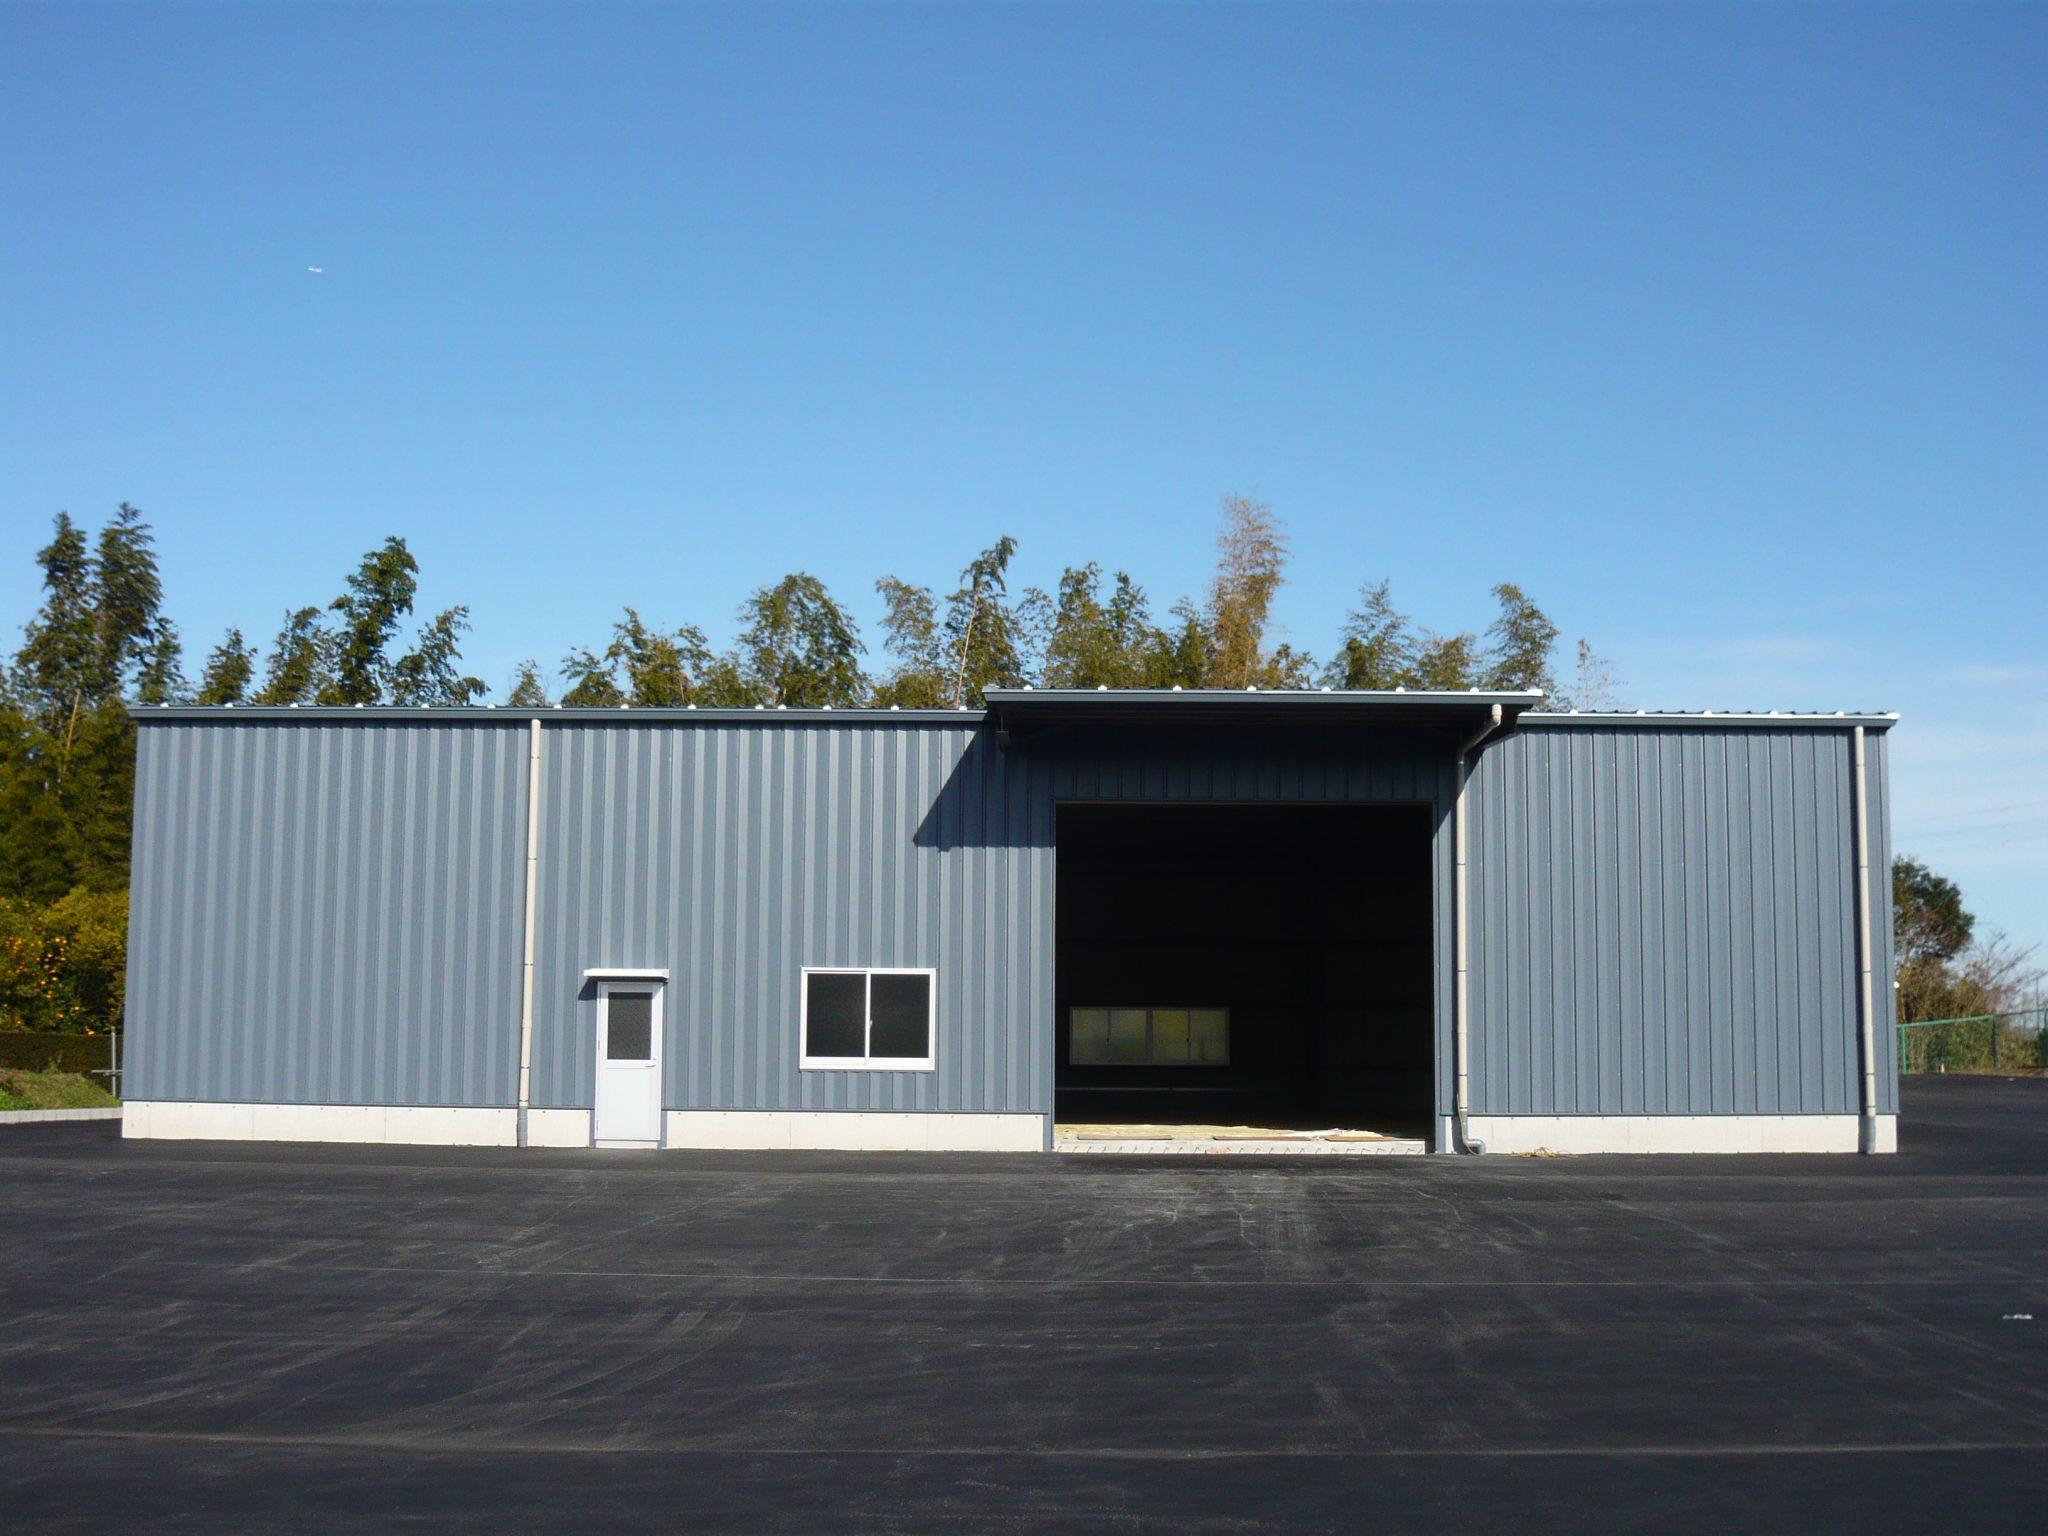 倉庫の外観 シャッターと庇